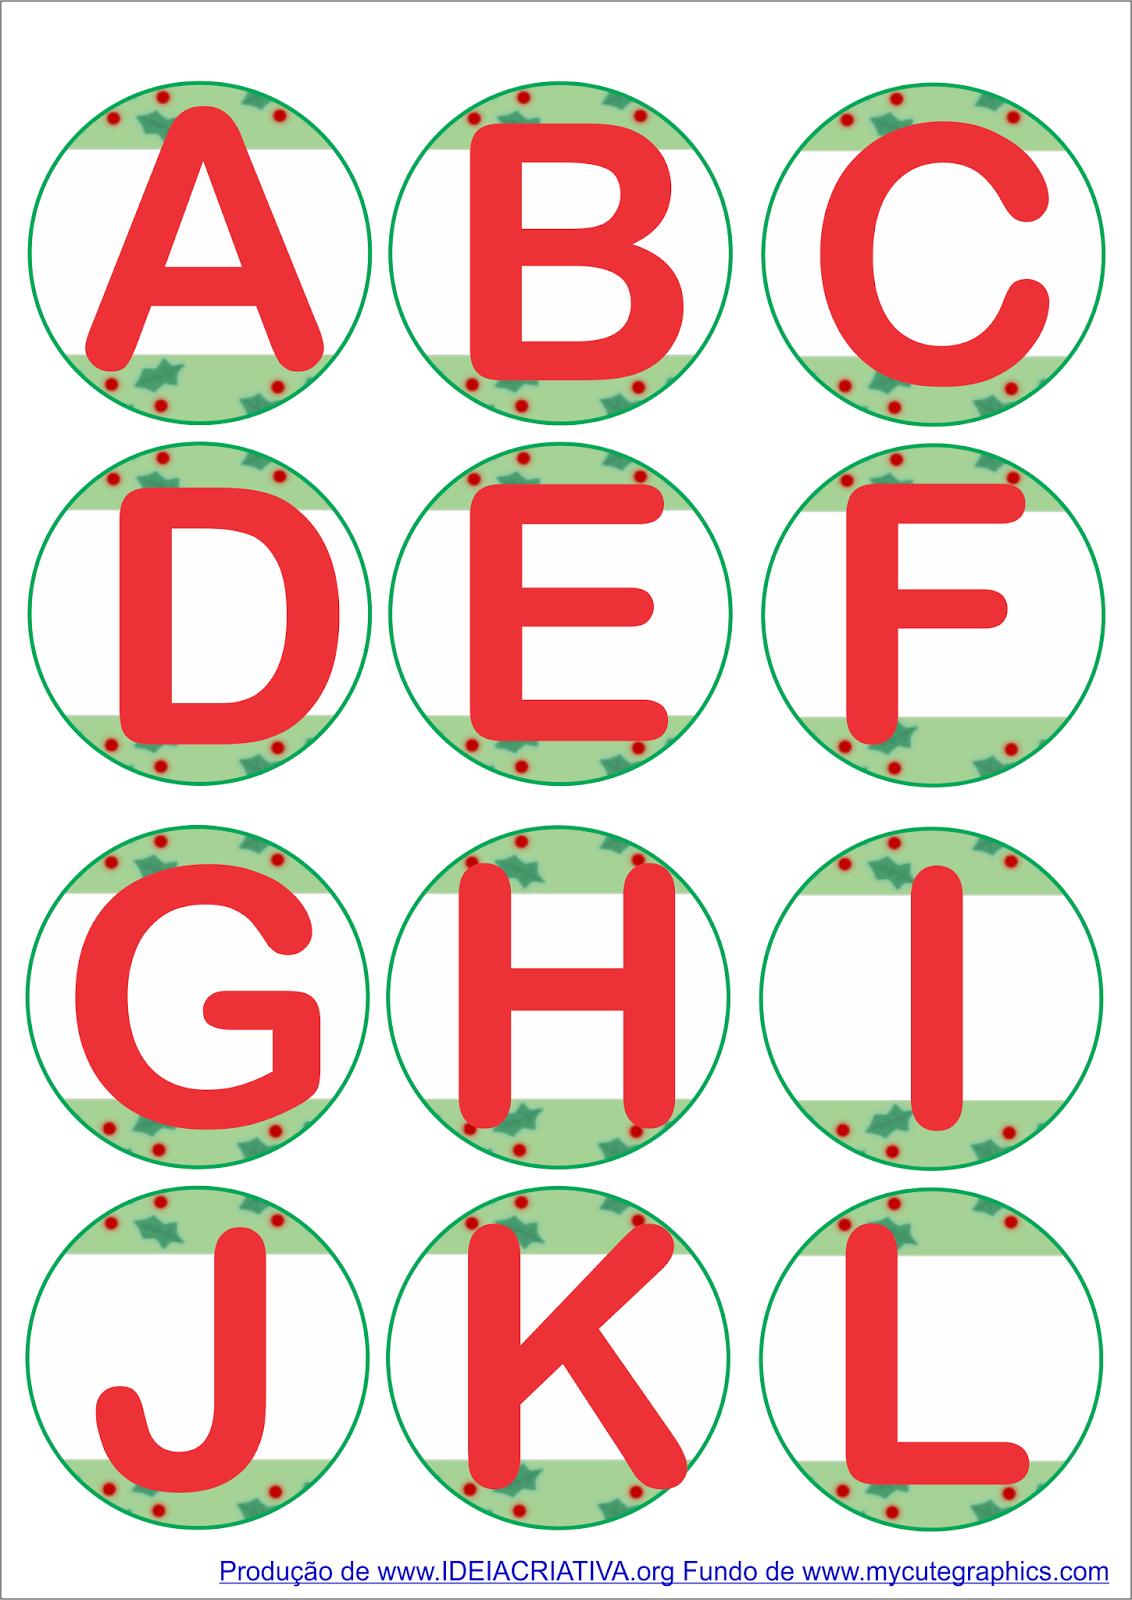 Alfabeto Natalino e Numerais até 9 em forma de círculo